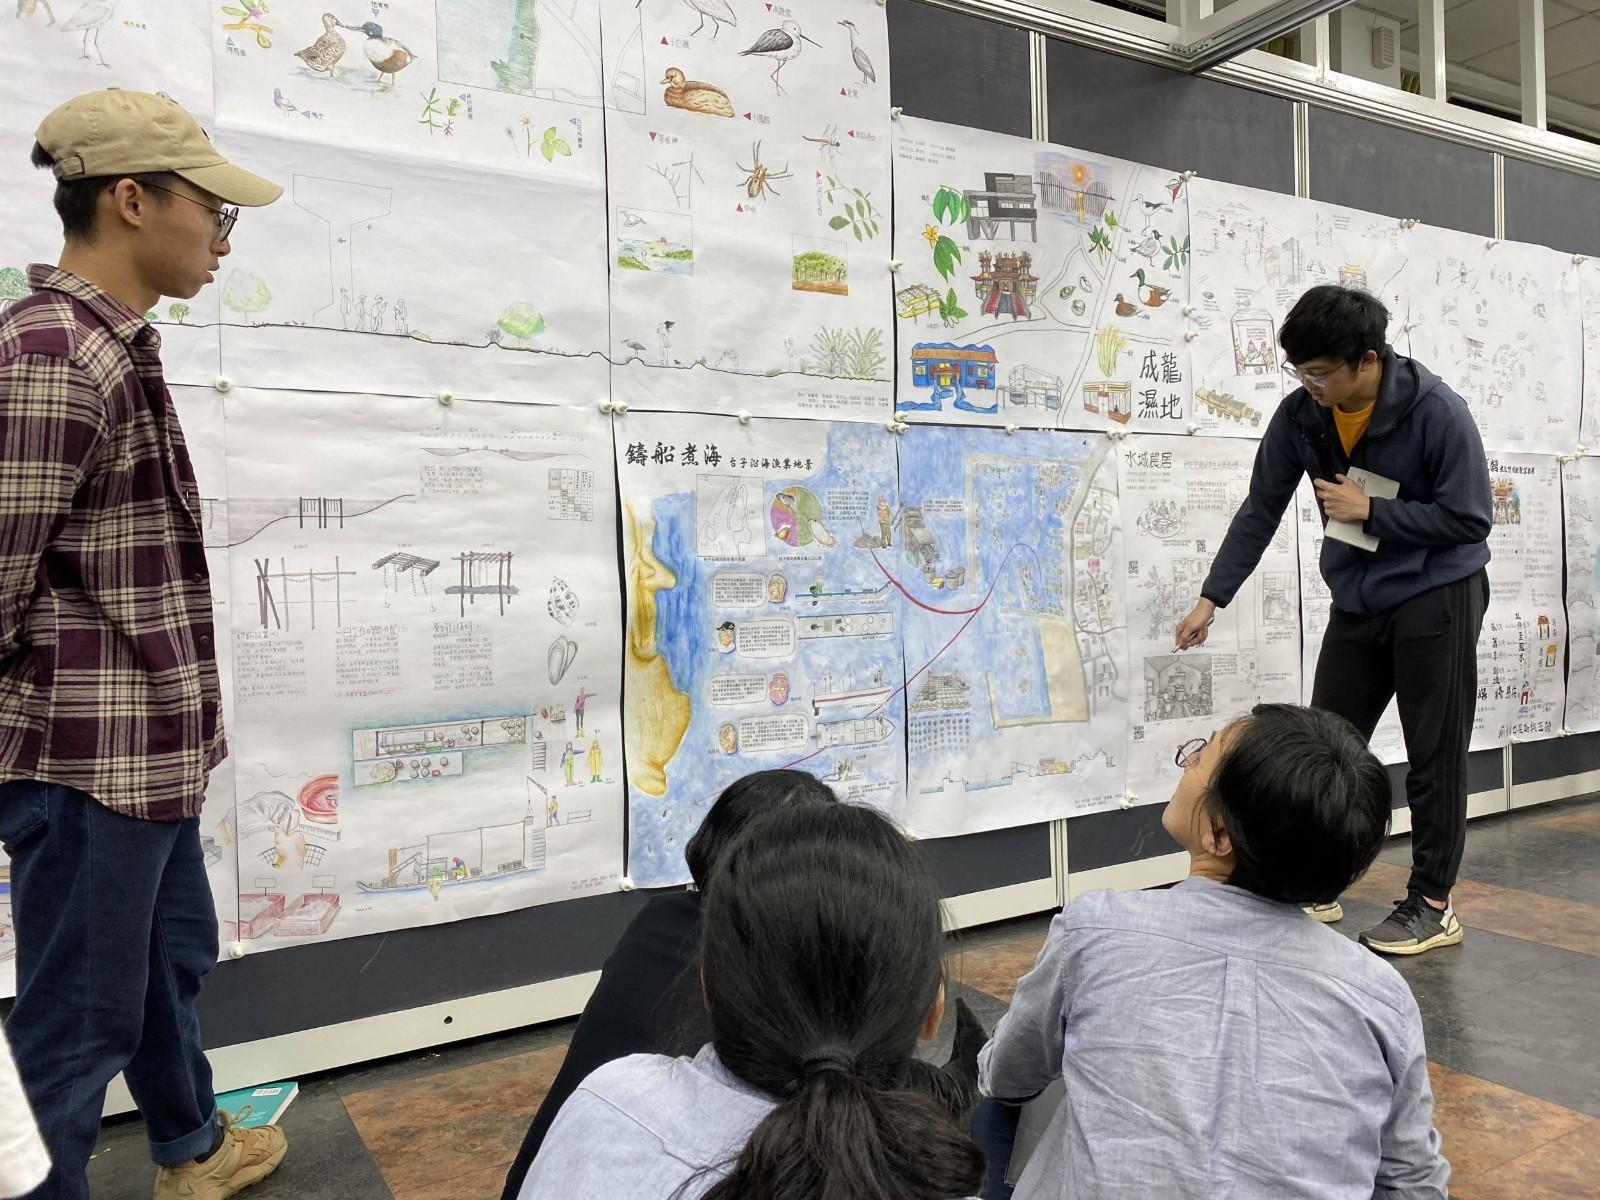 中原大學景觀系學生下鄉觀察到地方豐富的生態與特色,對設計思維之啟發大有助益。.jpg